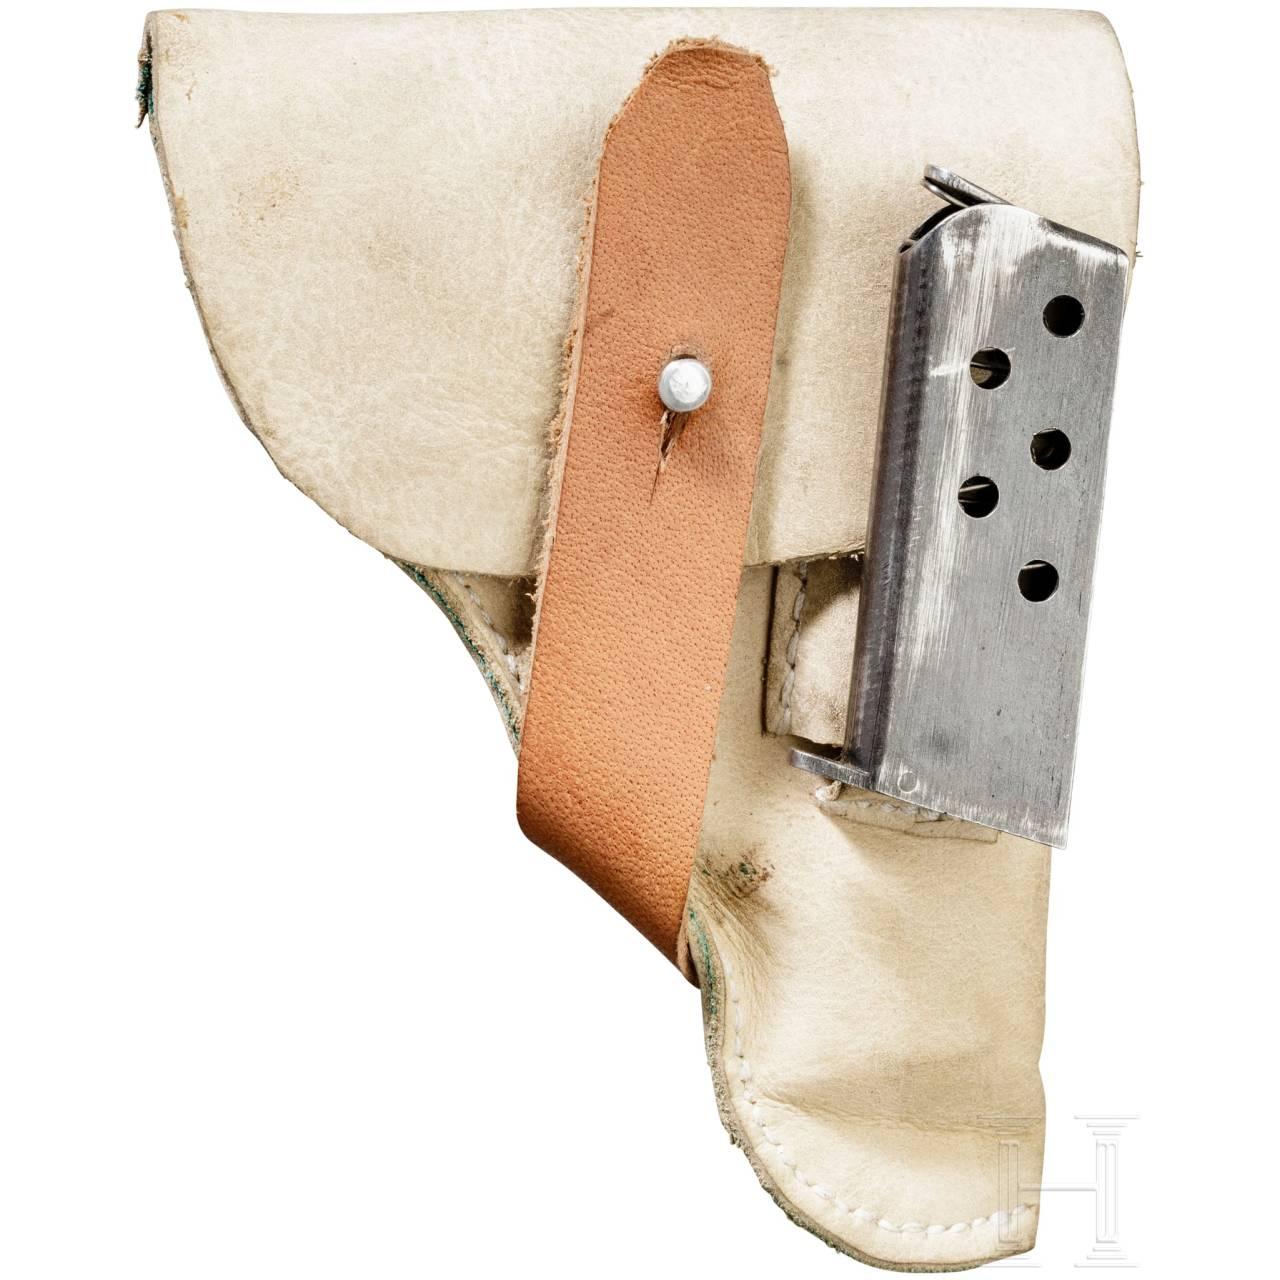 Haenel-Schmeisser Mod. 1, mit Tasche